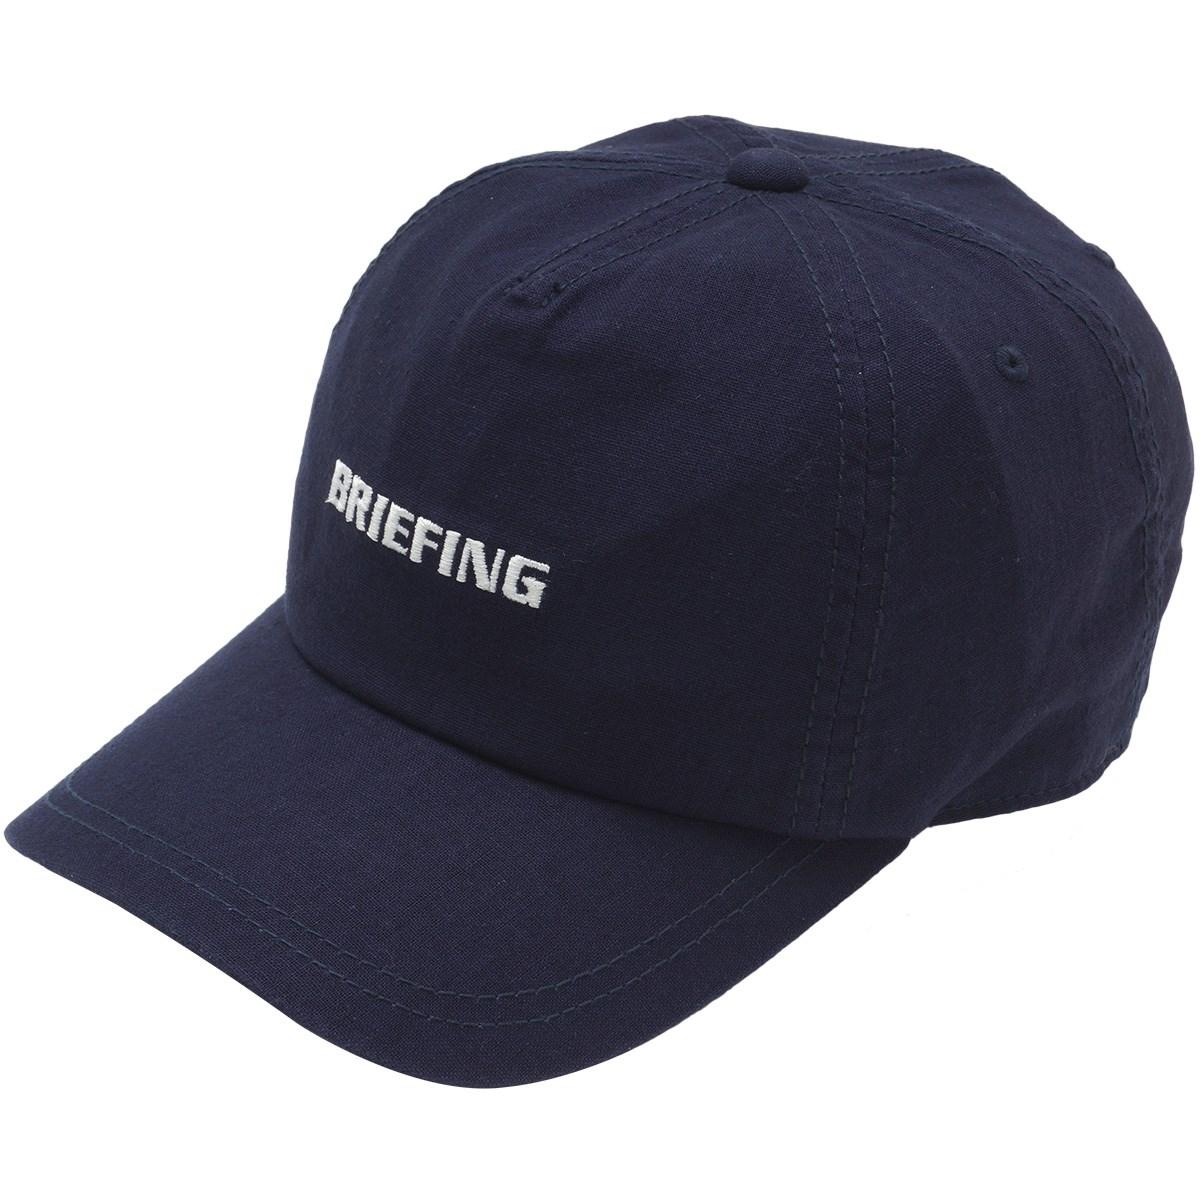 ブリーフィング CLASSIC キャップ